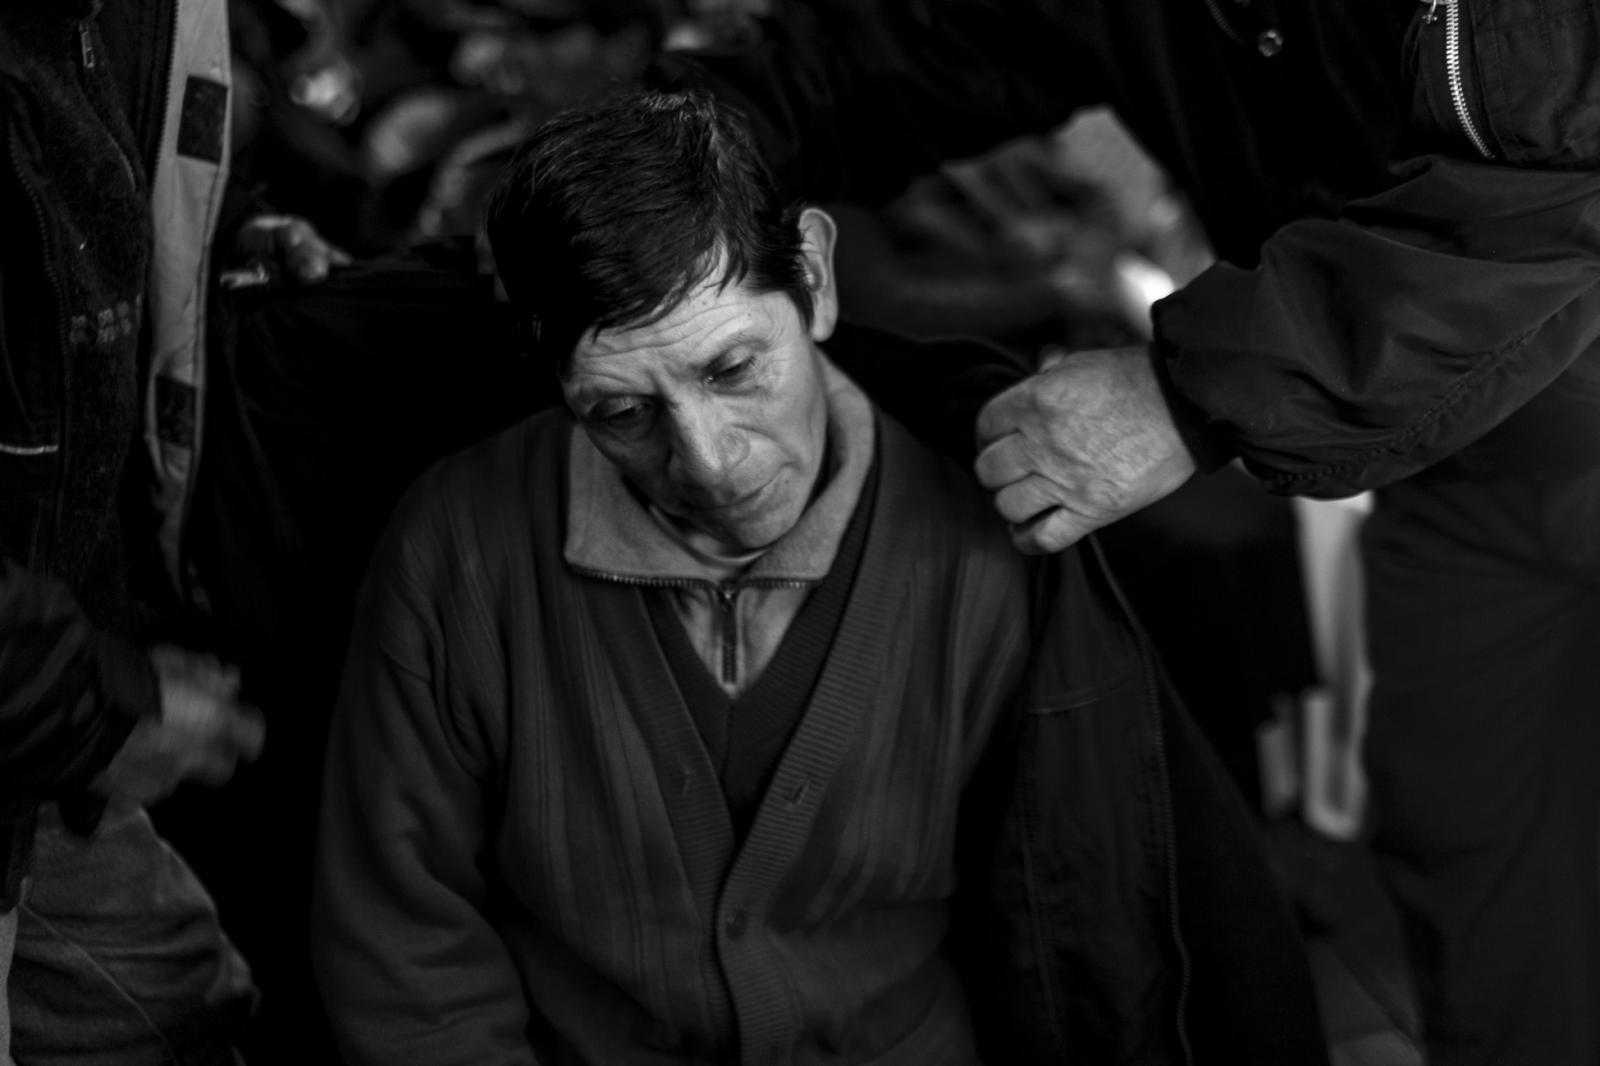 Urbano Huamaní Vegara (47) durante el velorio de su hermano Elihoref's. Según la tradición a las 12 de la noche los familiares cambian sus vestimentas por trajes negros para guardar el luto en memoria de su familiar.